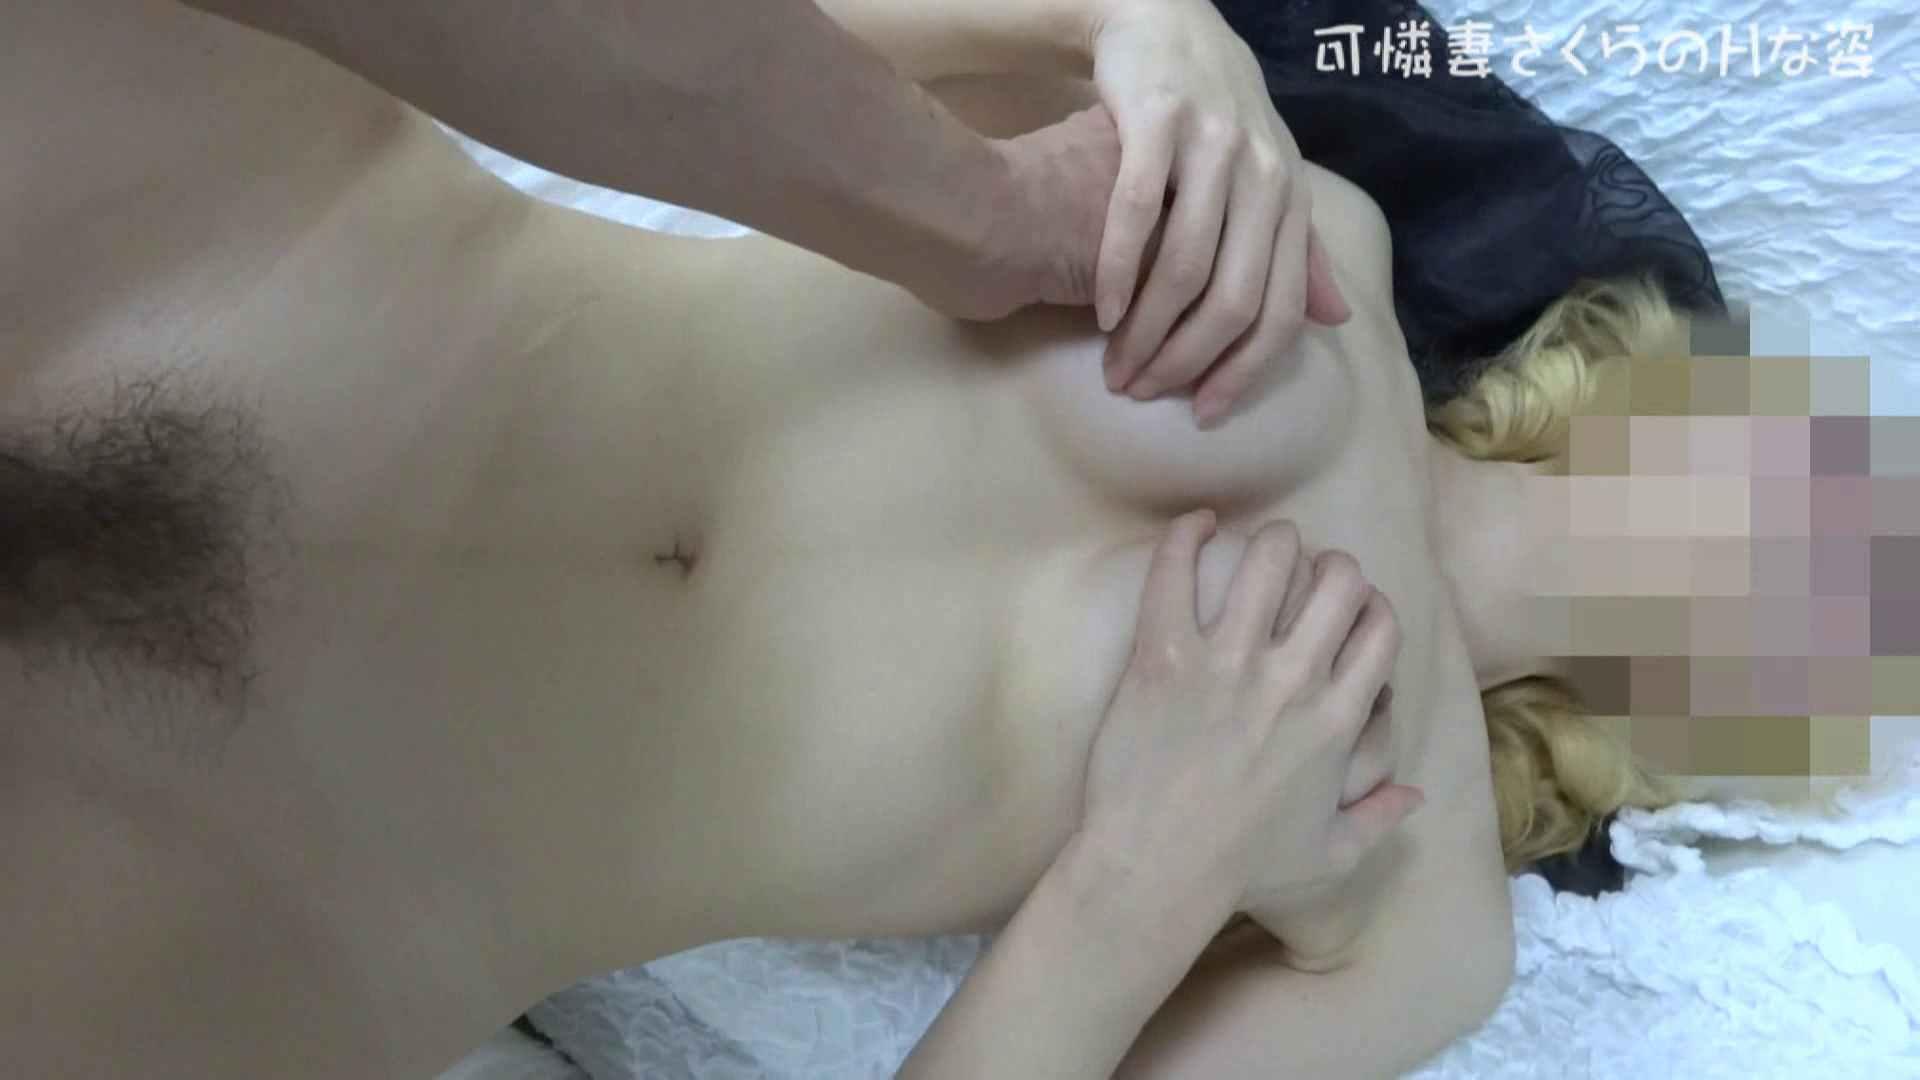 可憐妻さくらのHな姿vol.29 セックス セックス画像 106pic 48